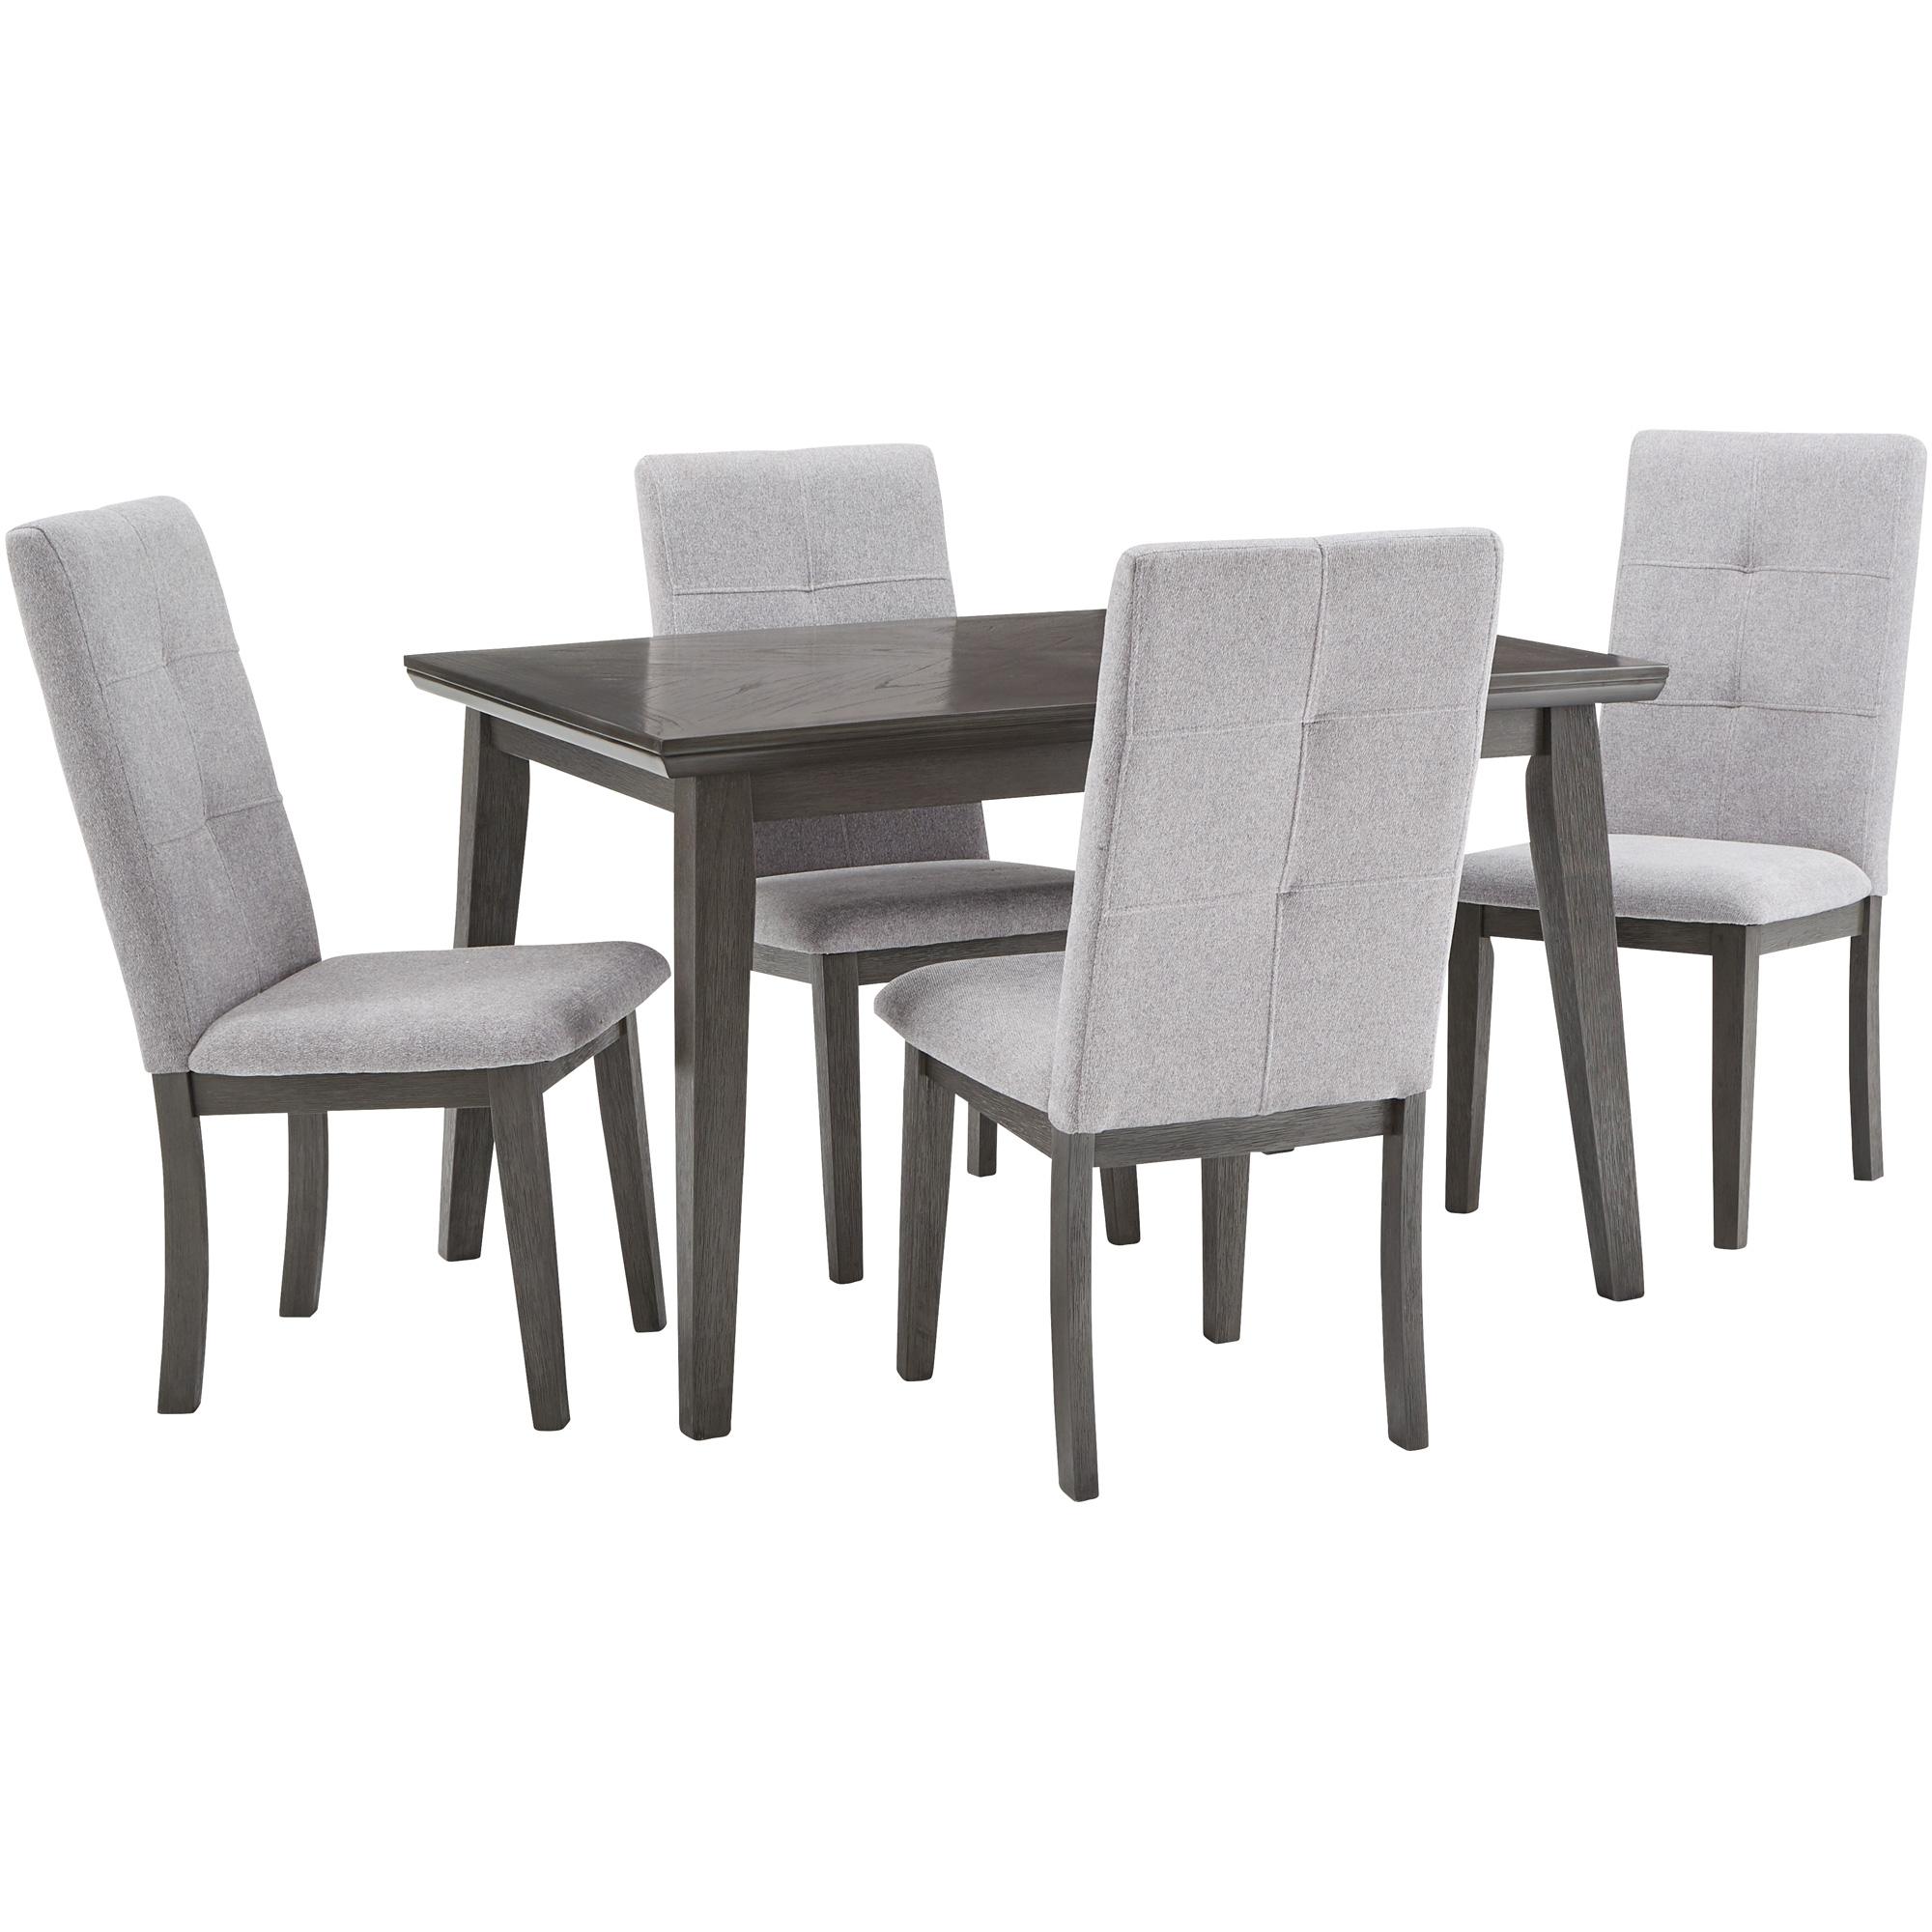 Home Elegance | City Line Gray 5 Piece Dining Set